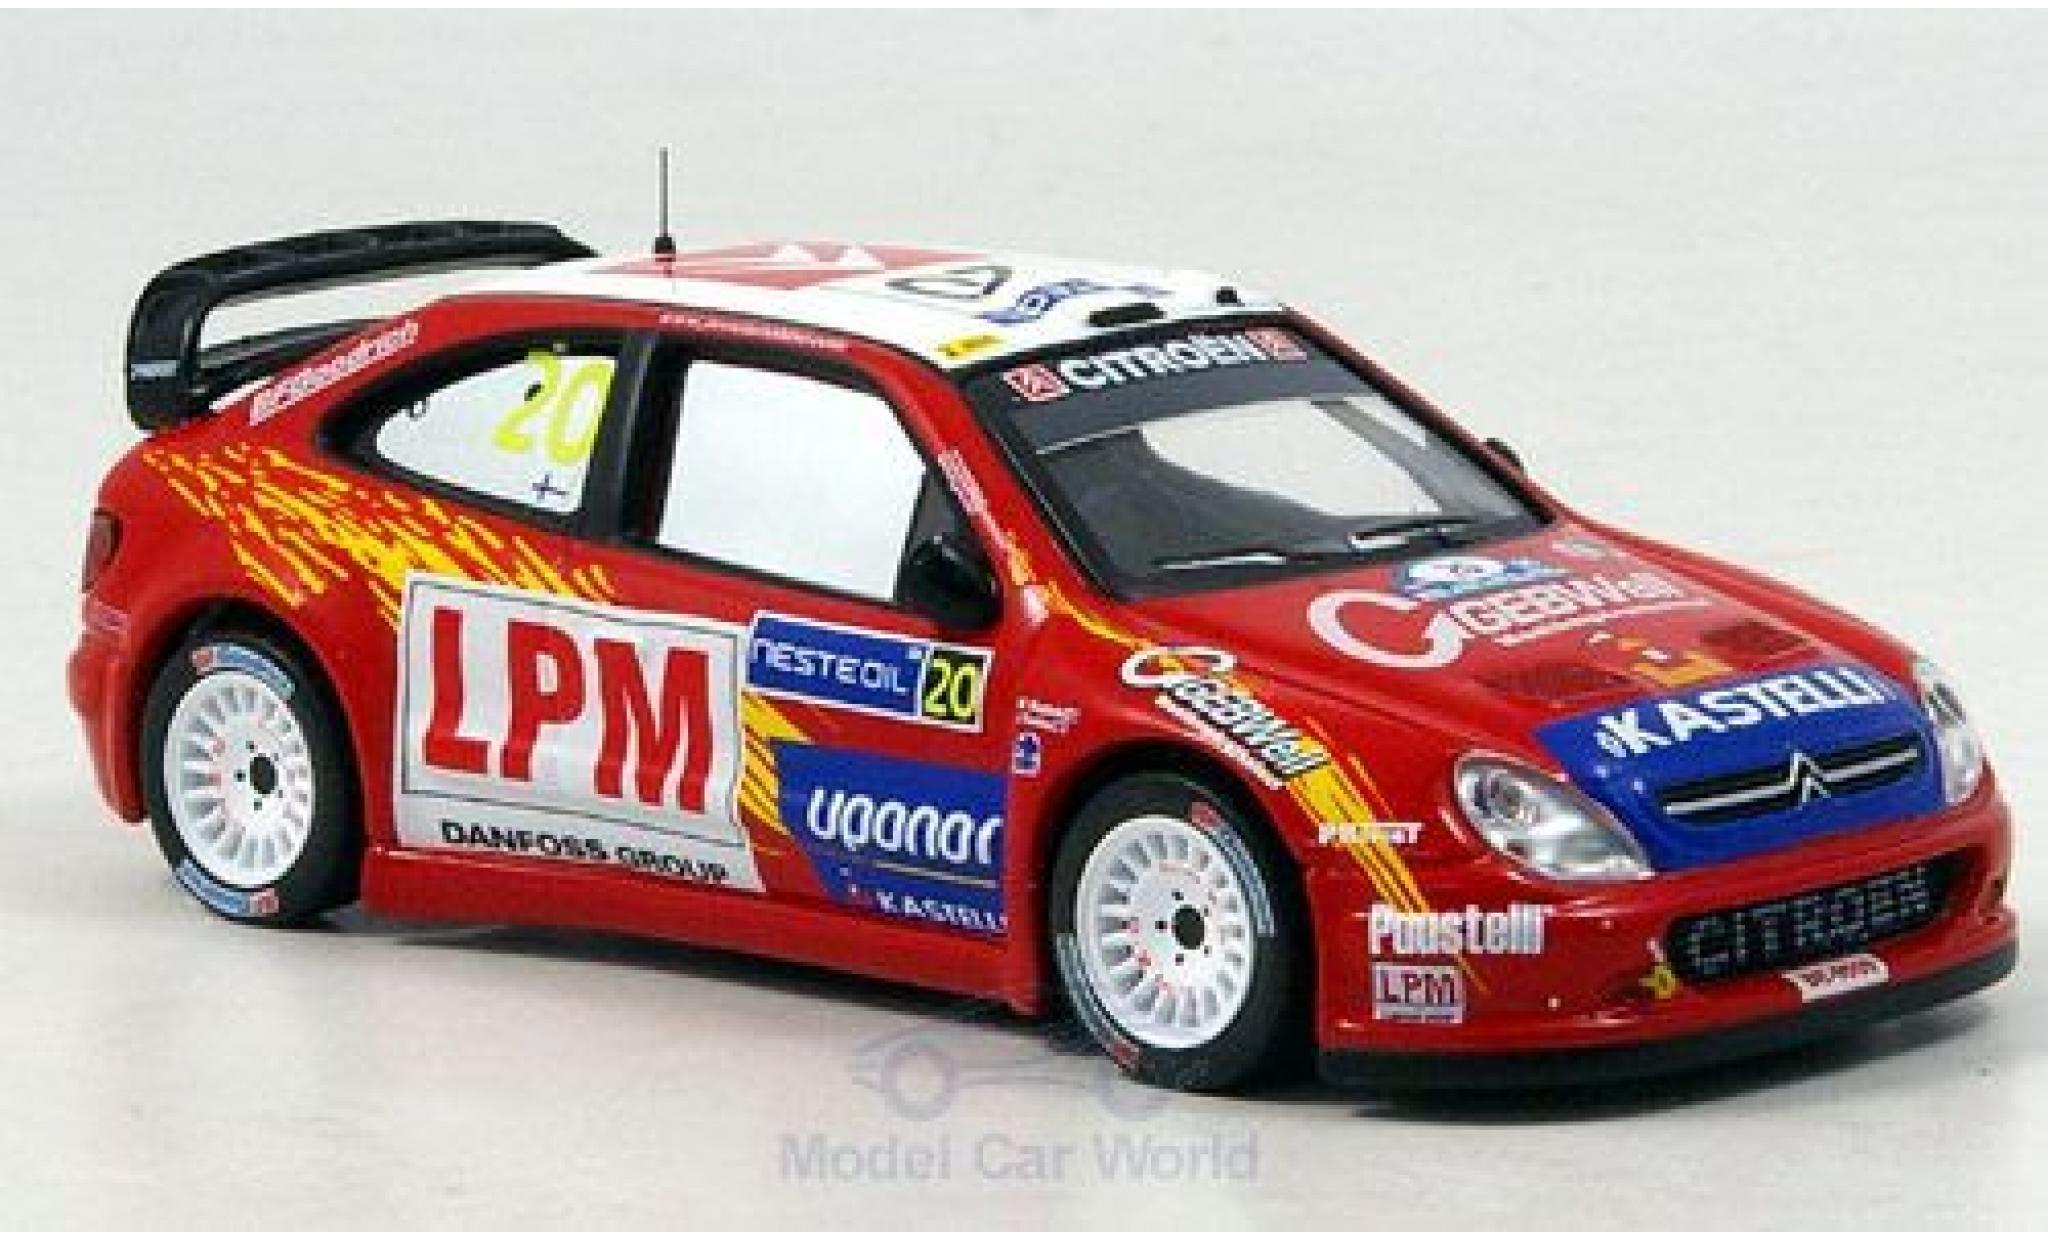 Citroen Xsara 1/43 IXO WRC No.20 Rallye WM Rallye Finnland 2006 Tuohino